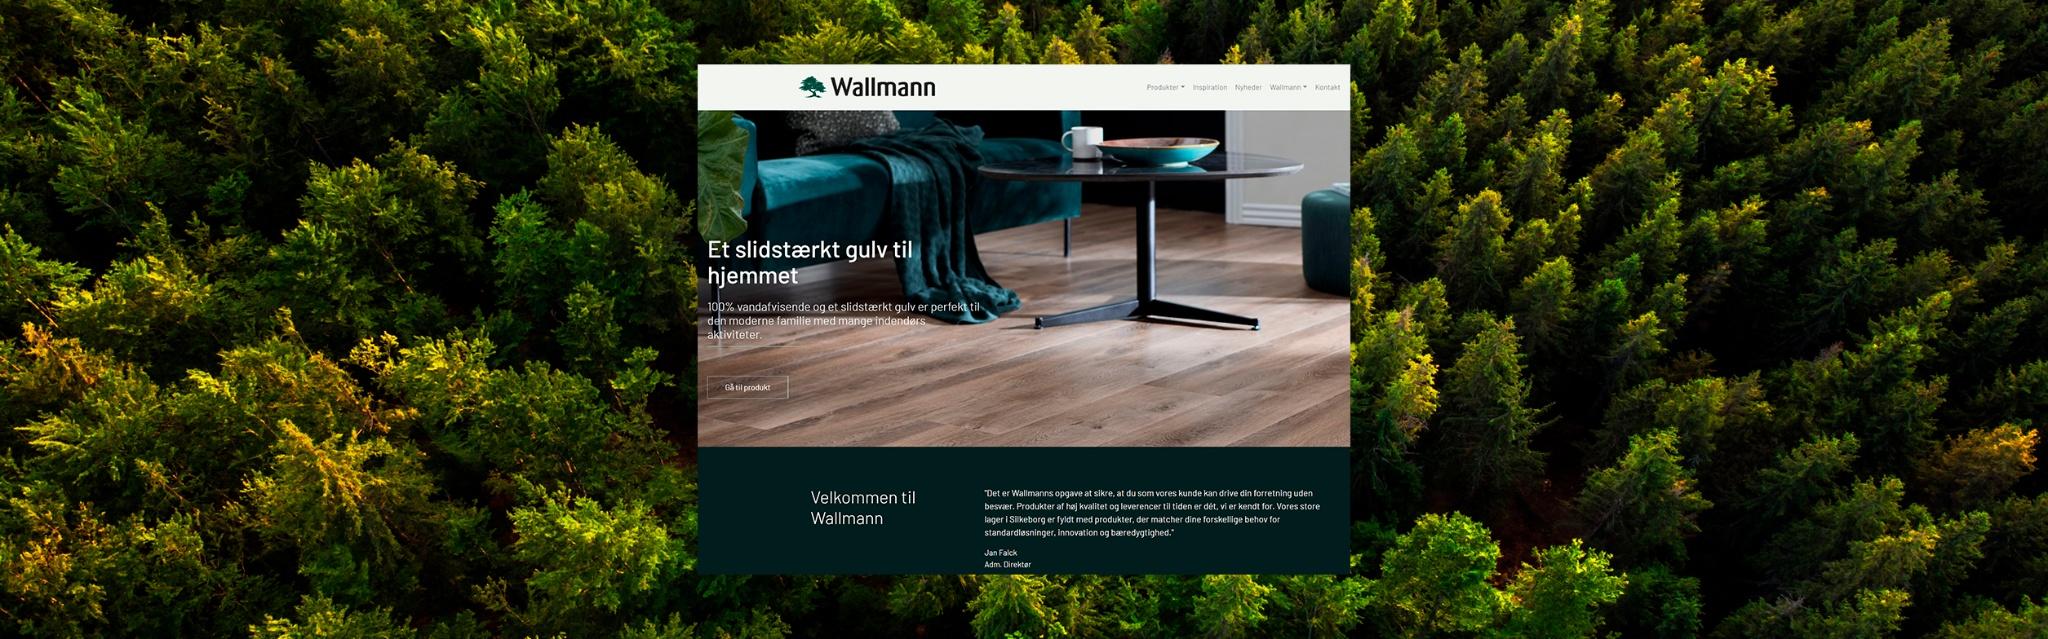 Wallmann får ny hjemmeside og nyt logo